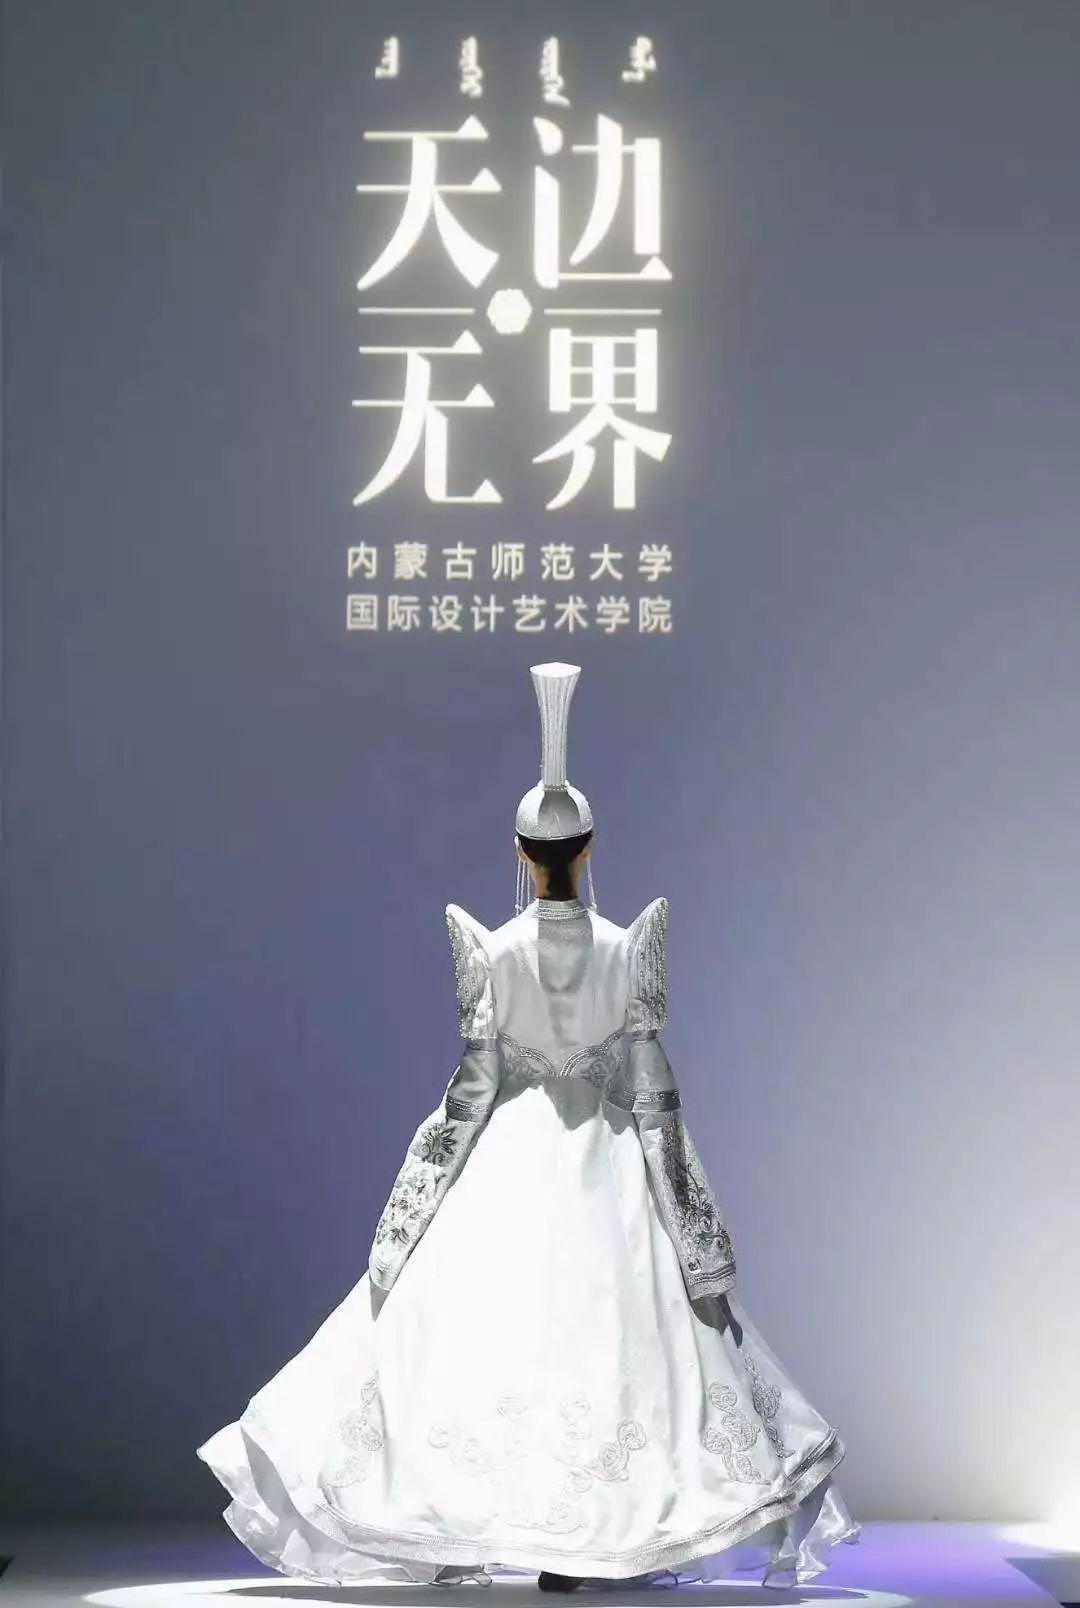 """""""天边·无界""""——内蒙古师范大学国际设计艺术学院毕业作品北京发布 第7张"""